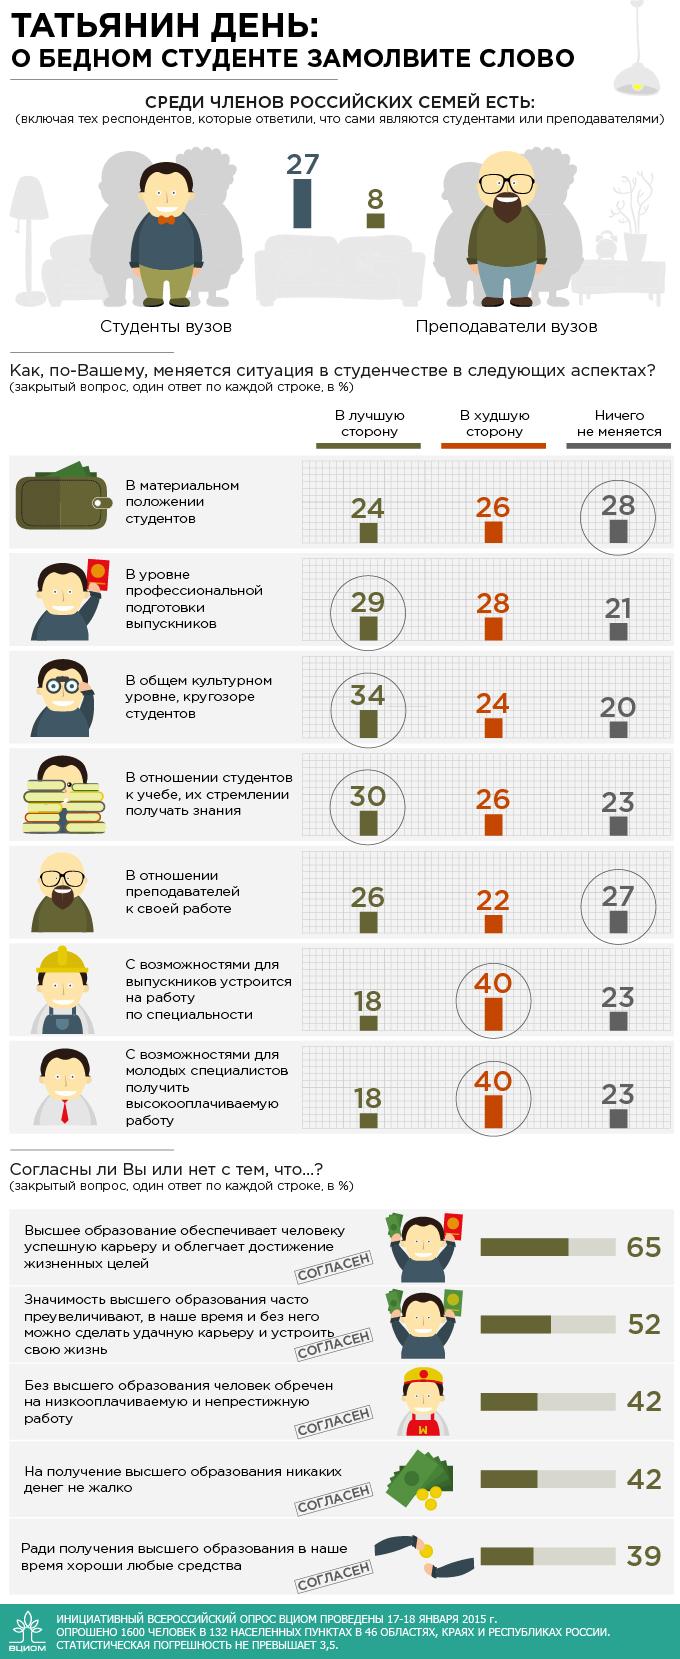 Россияне о высшем образовании